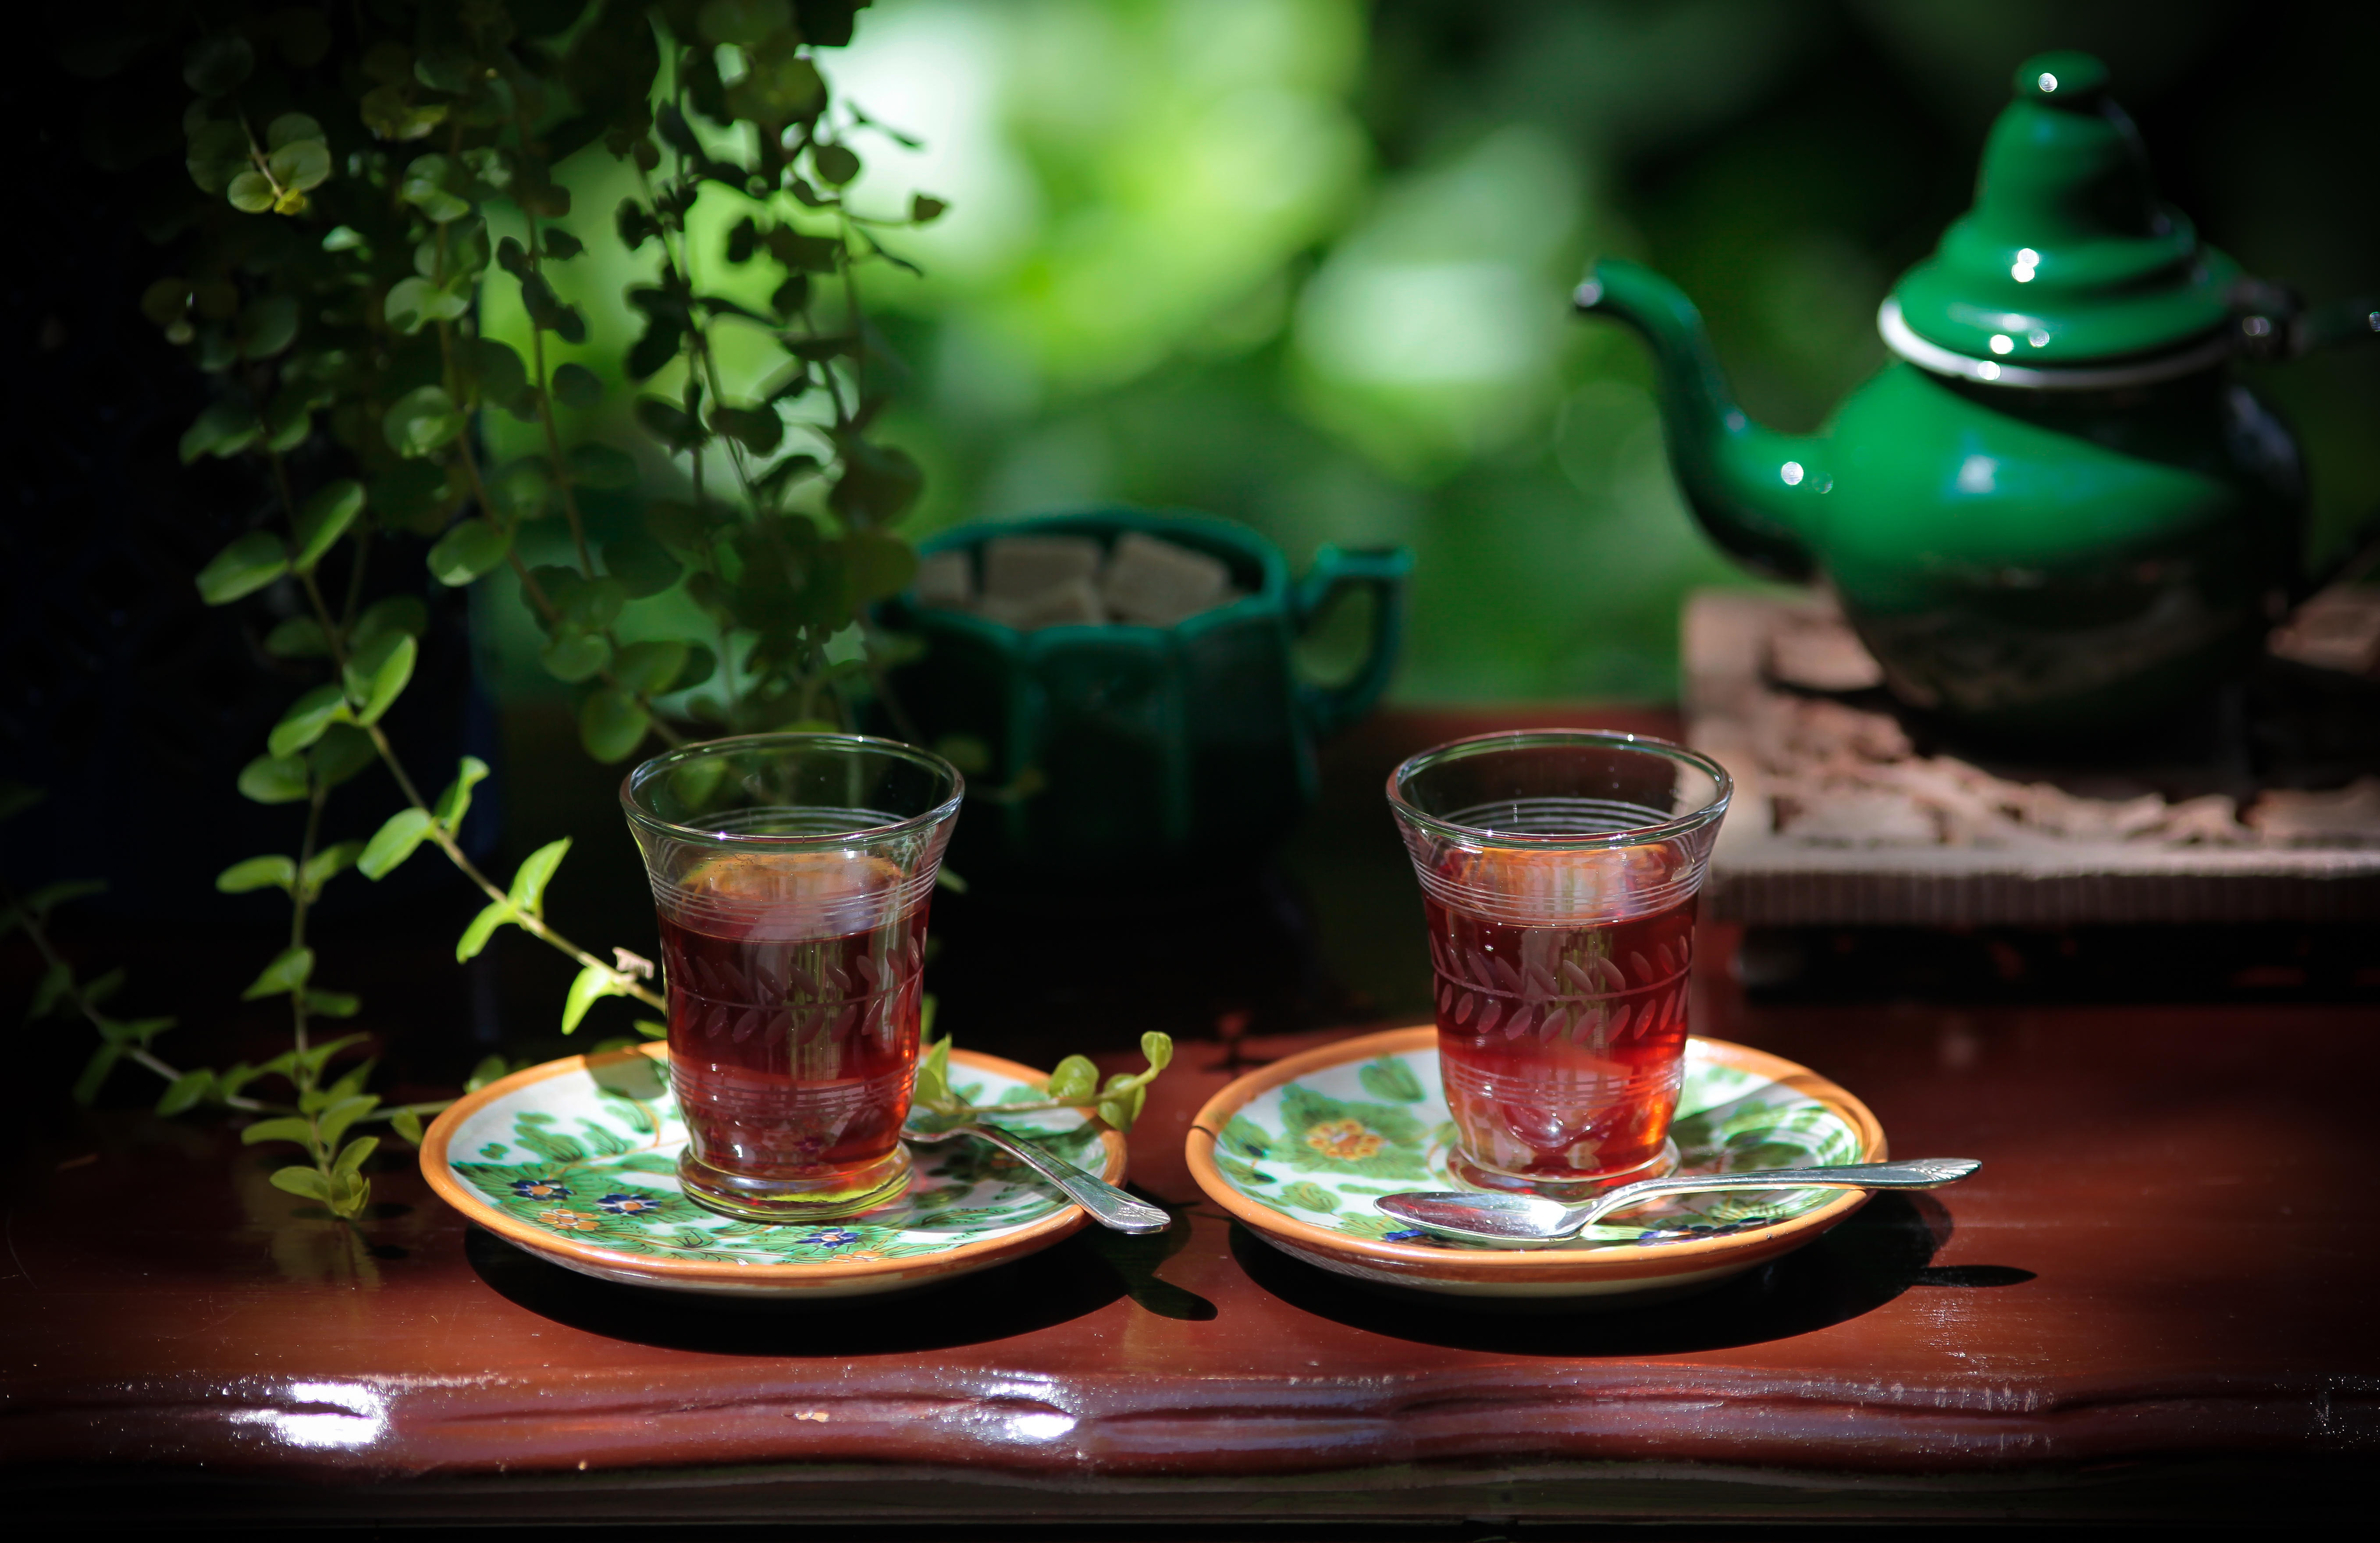 обои чай, кружки, натюрморт картинки фото